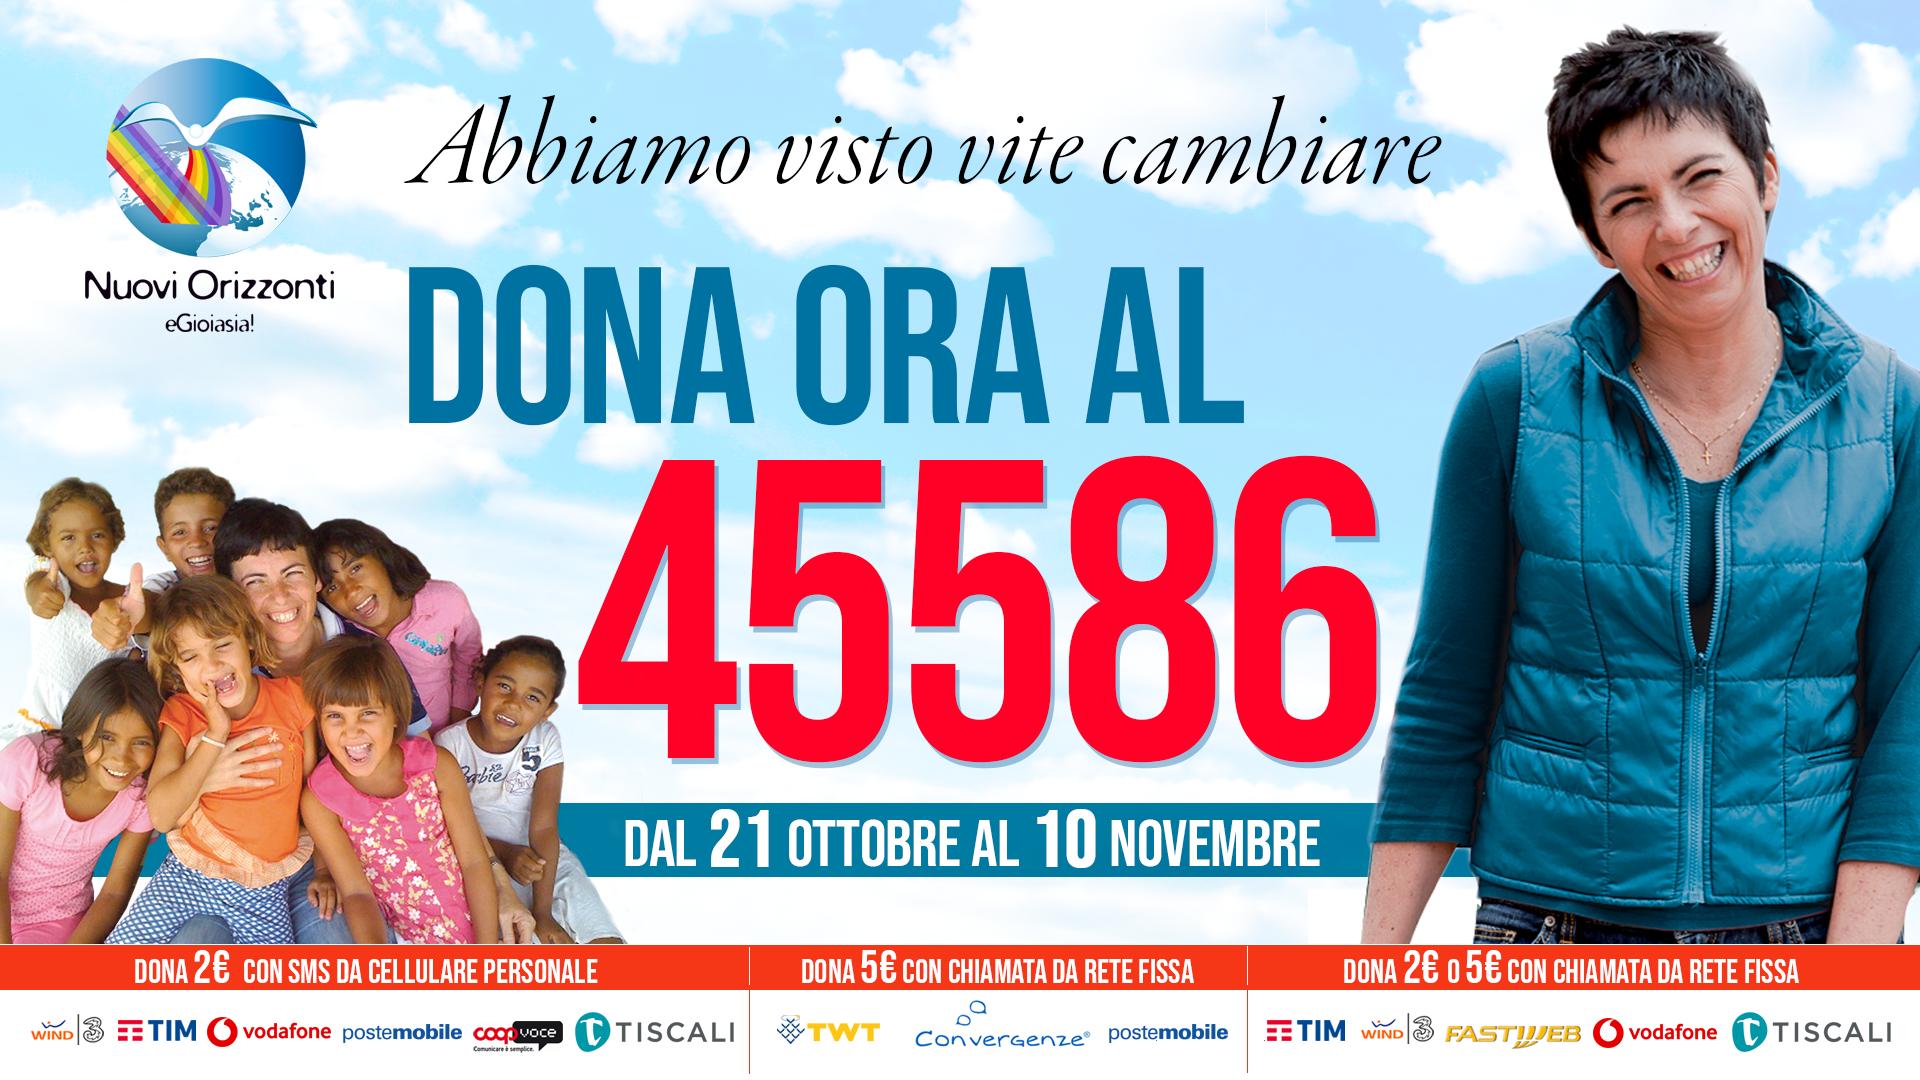 45586 SMS Solidale - Nuovi Orizzonti